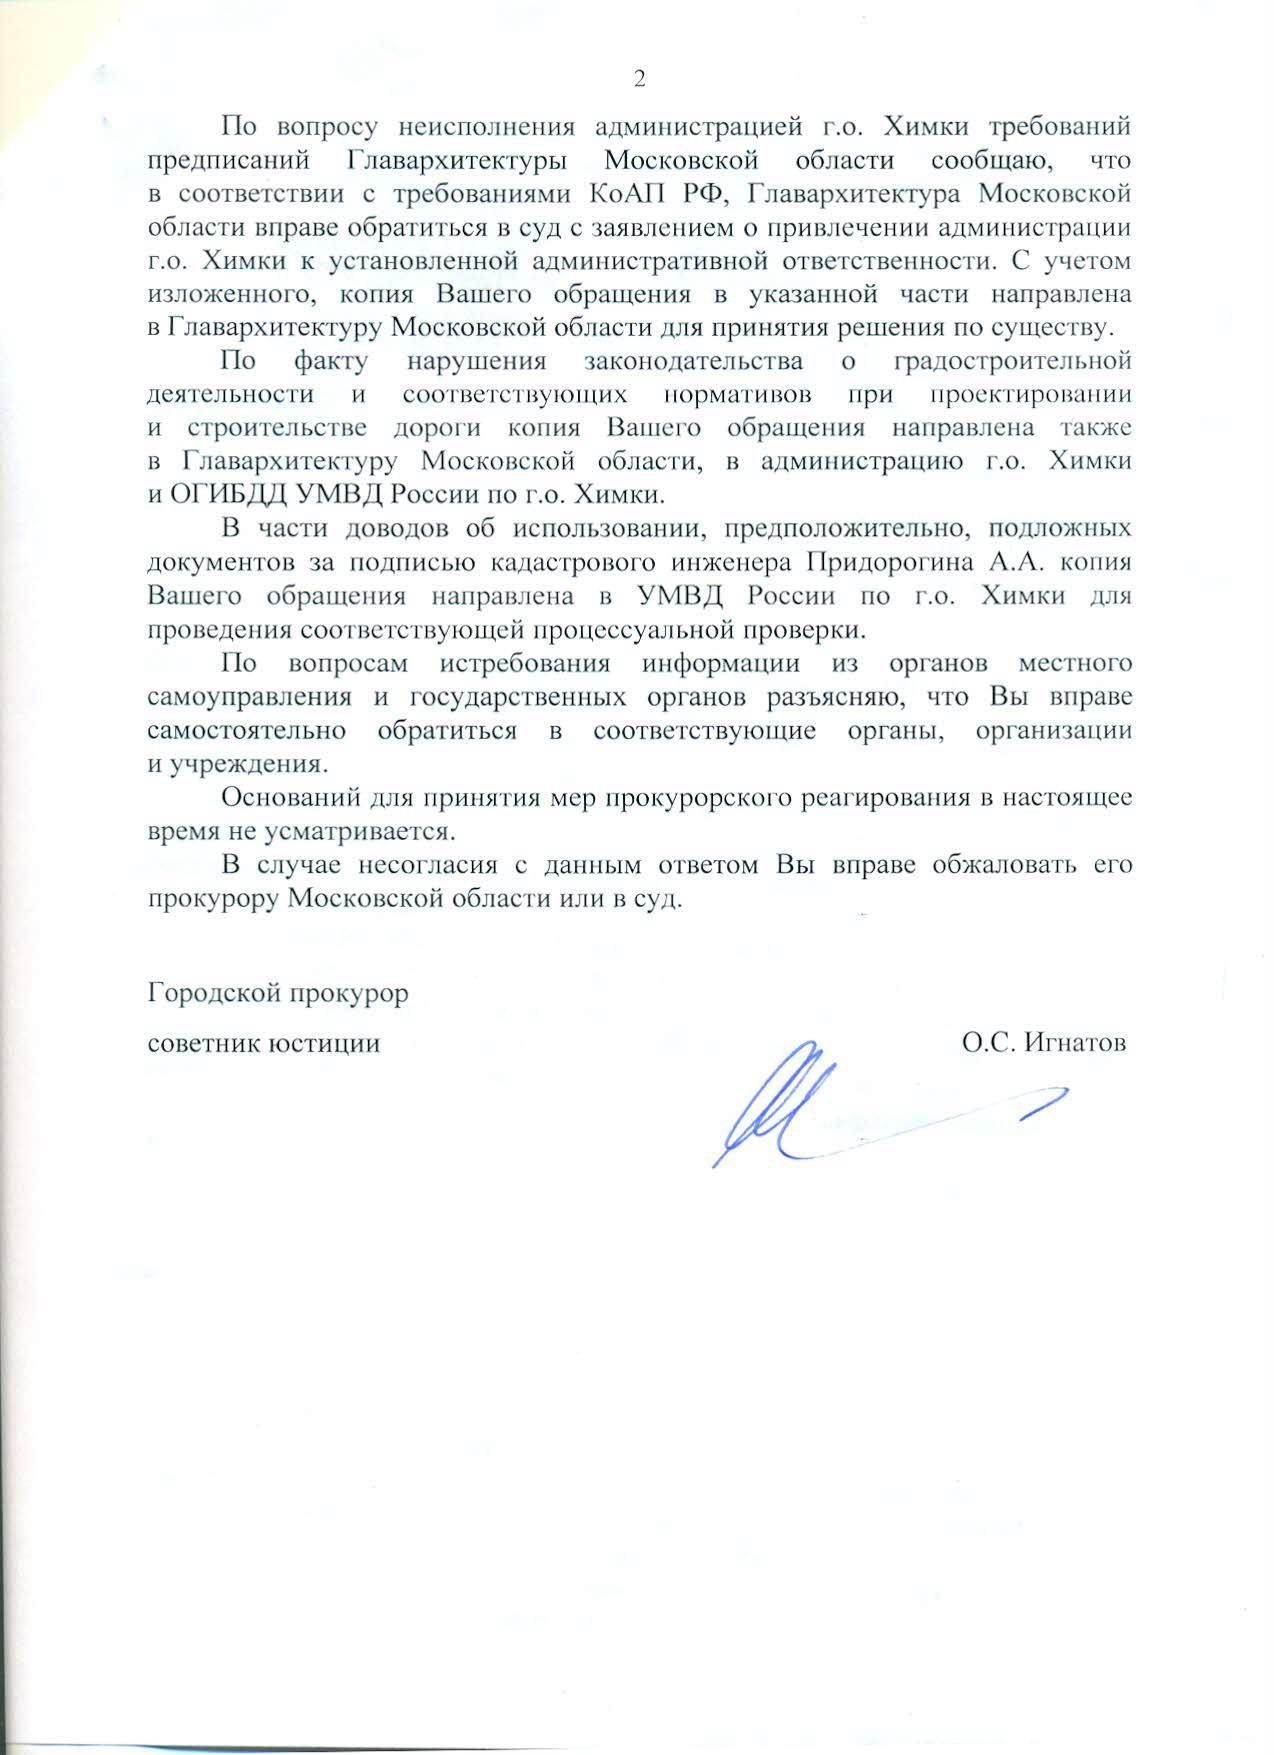 Prokuror-8-08-2013-2